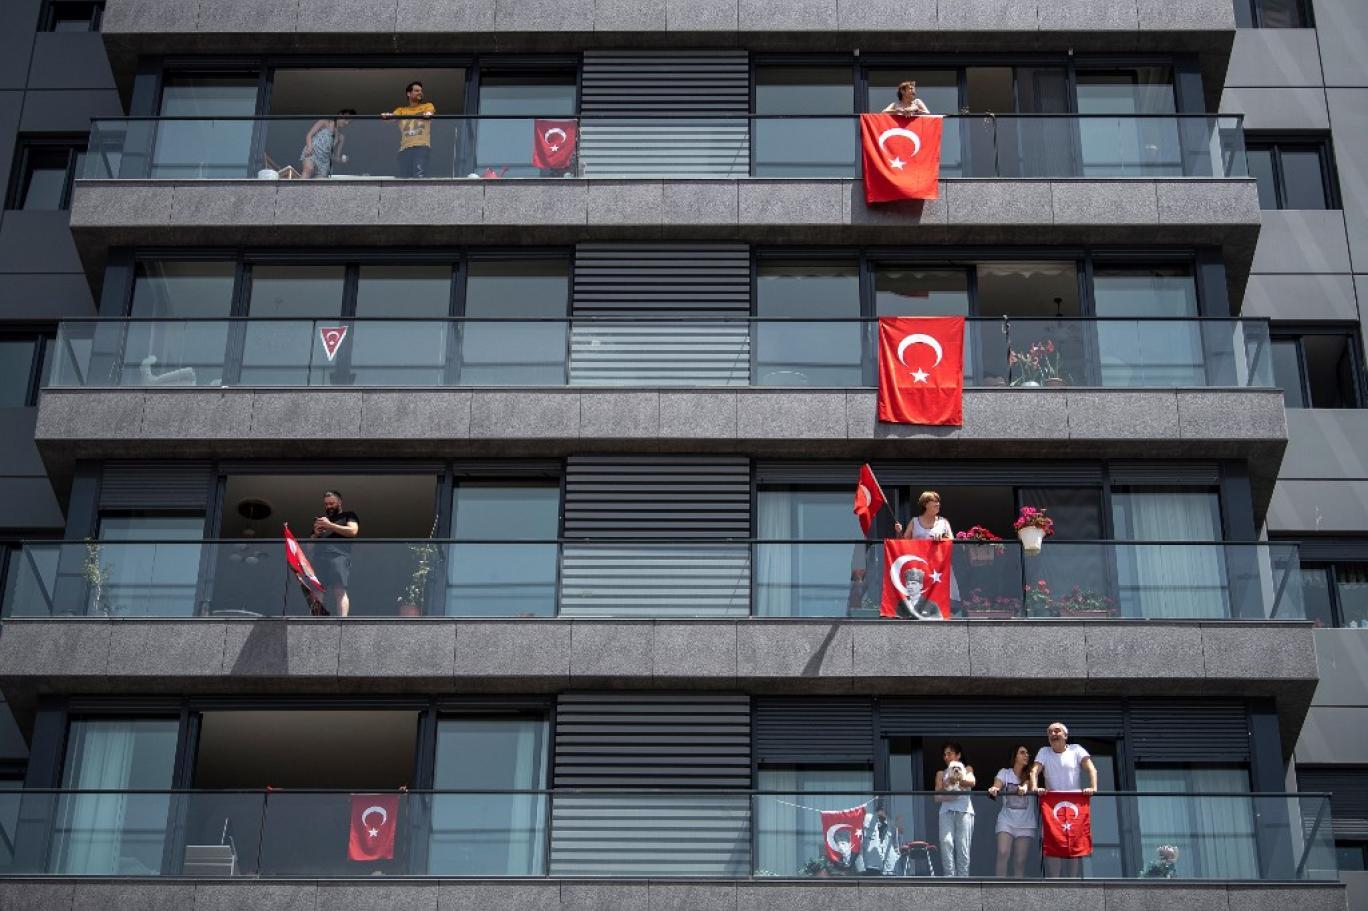 بازداشت یک ایرانی در ترکیه برای آویزان کردن حولهای با طرح پرچم بریتانیا!